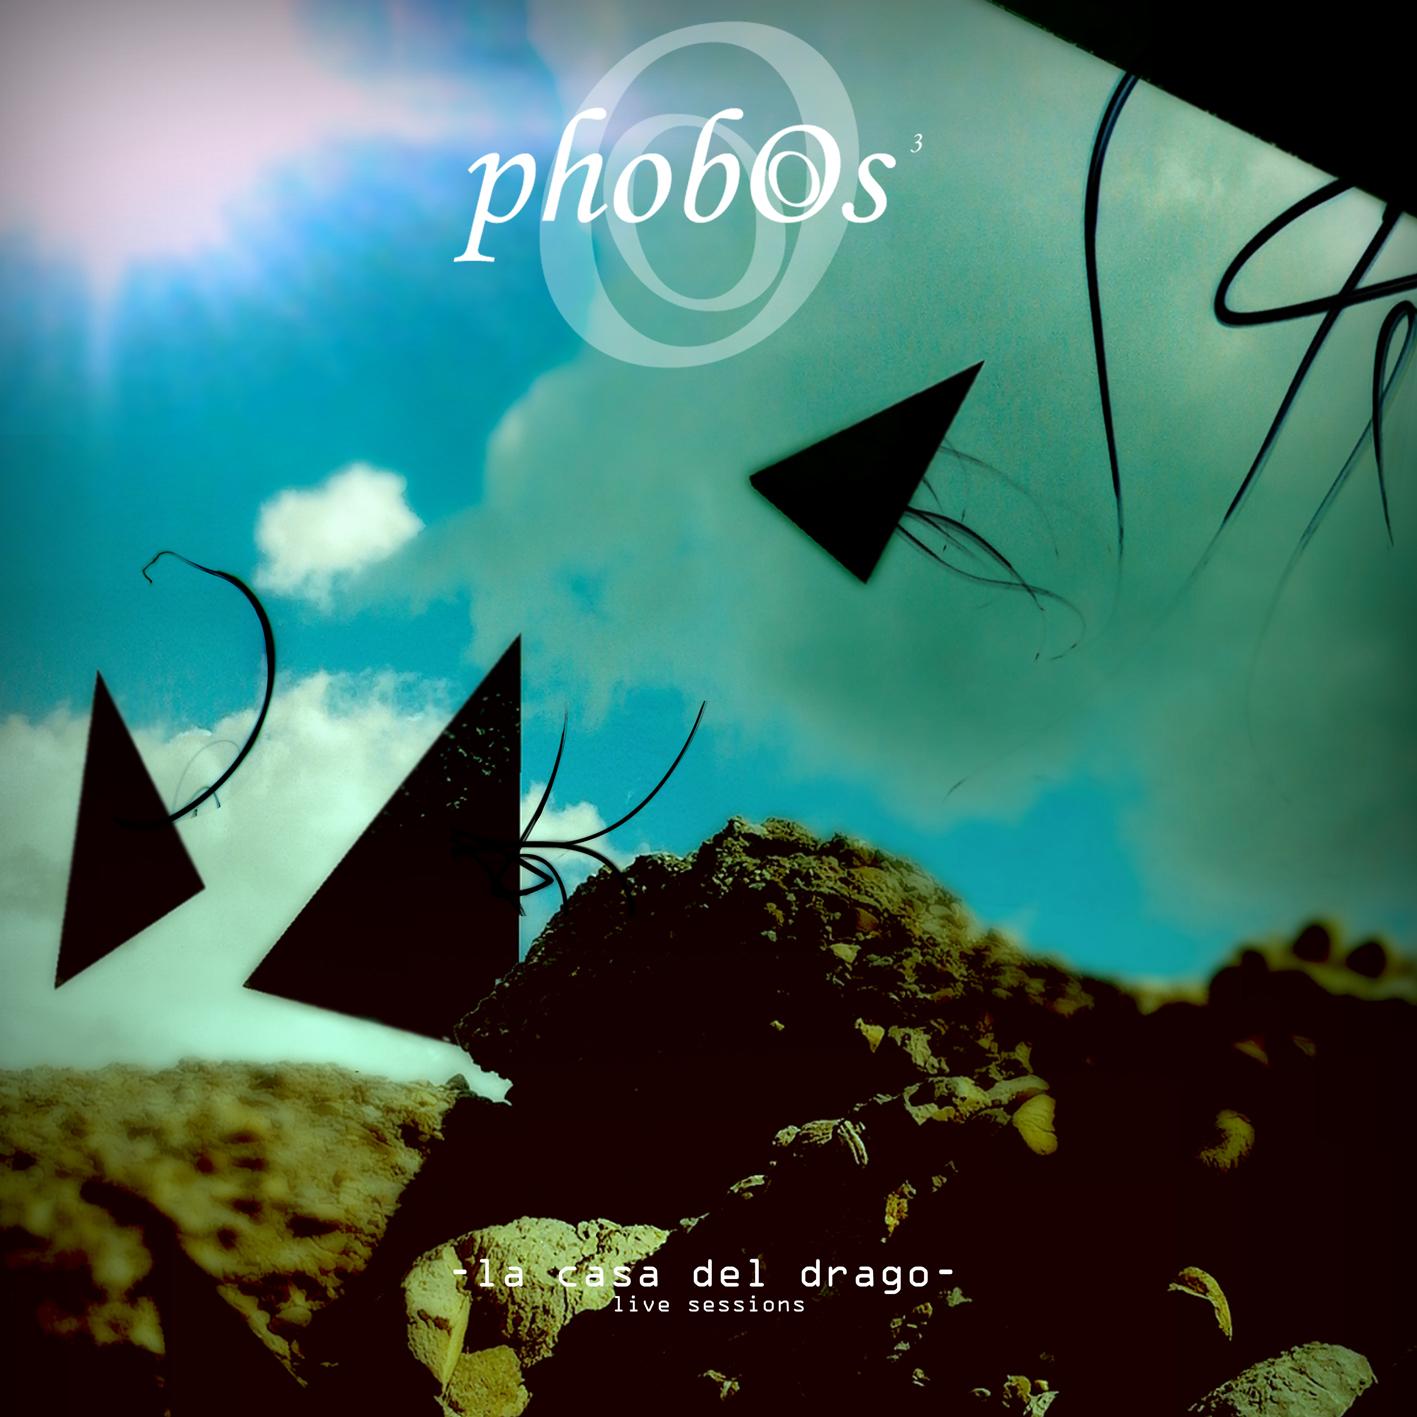 phobos3 la casa del drago cover